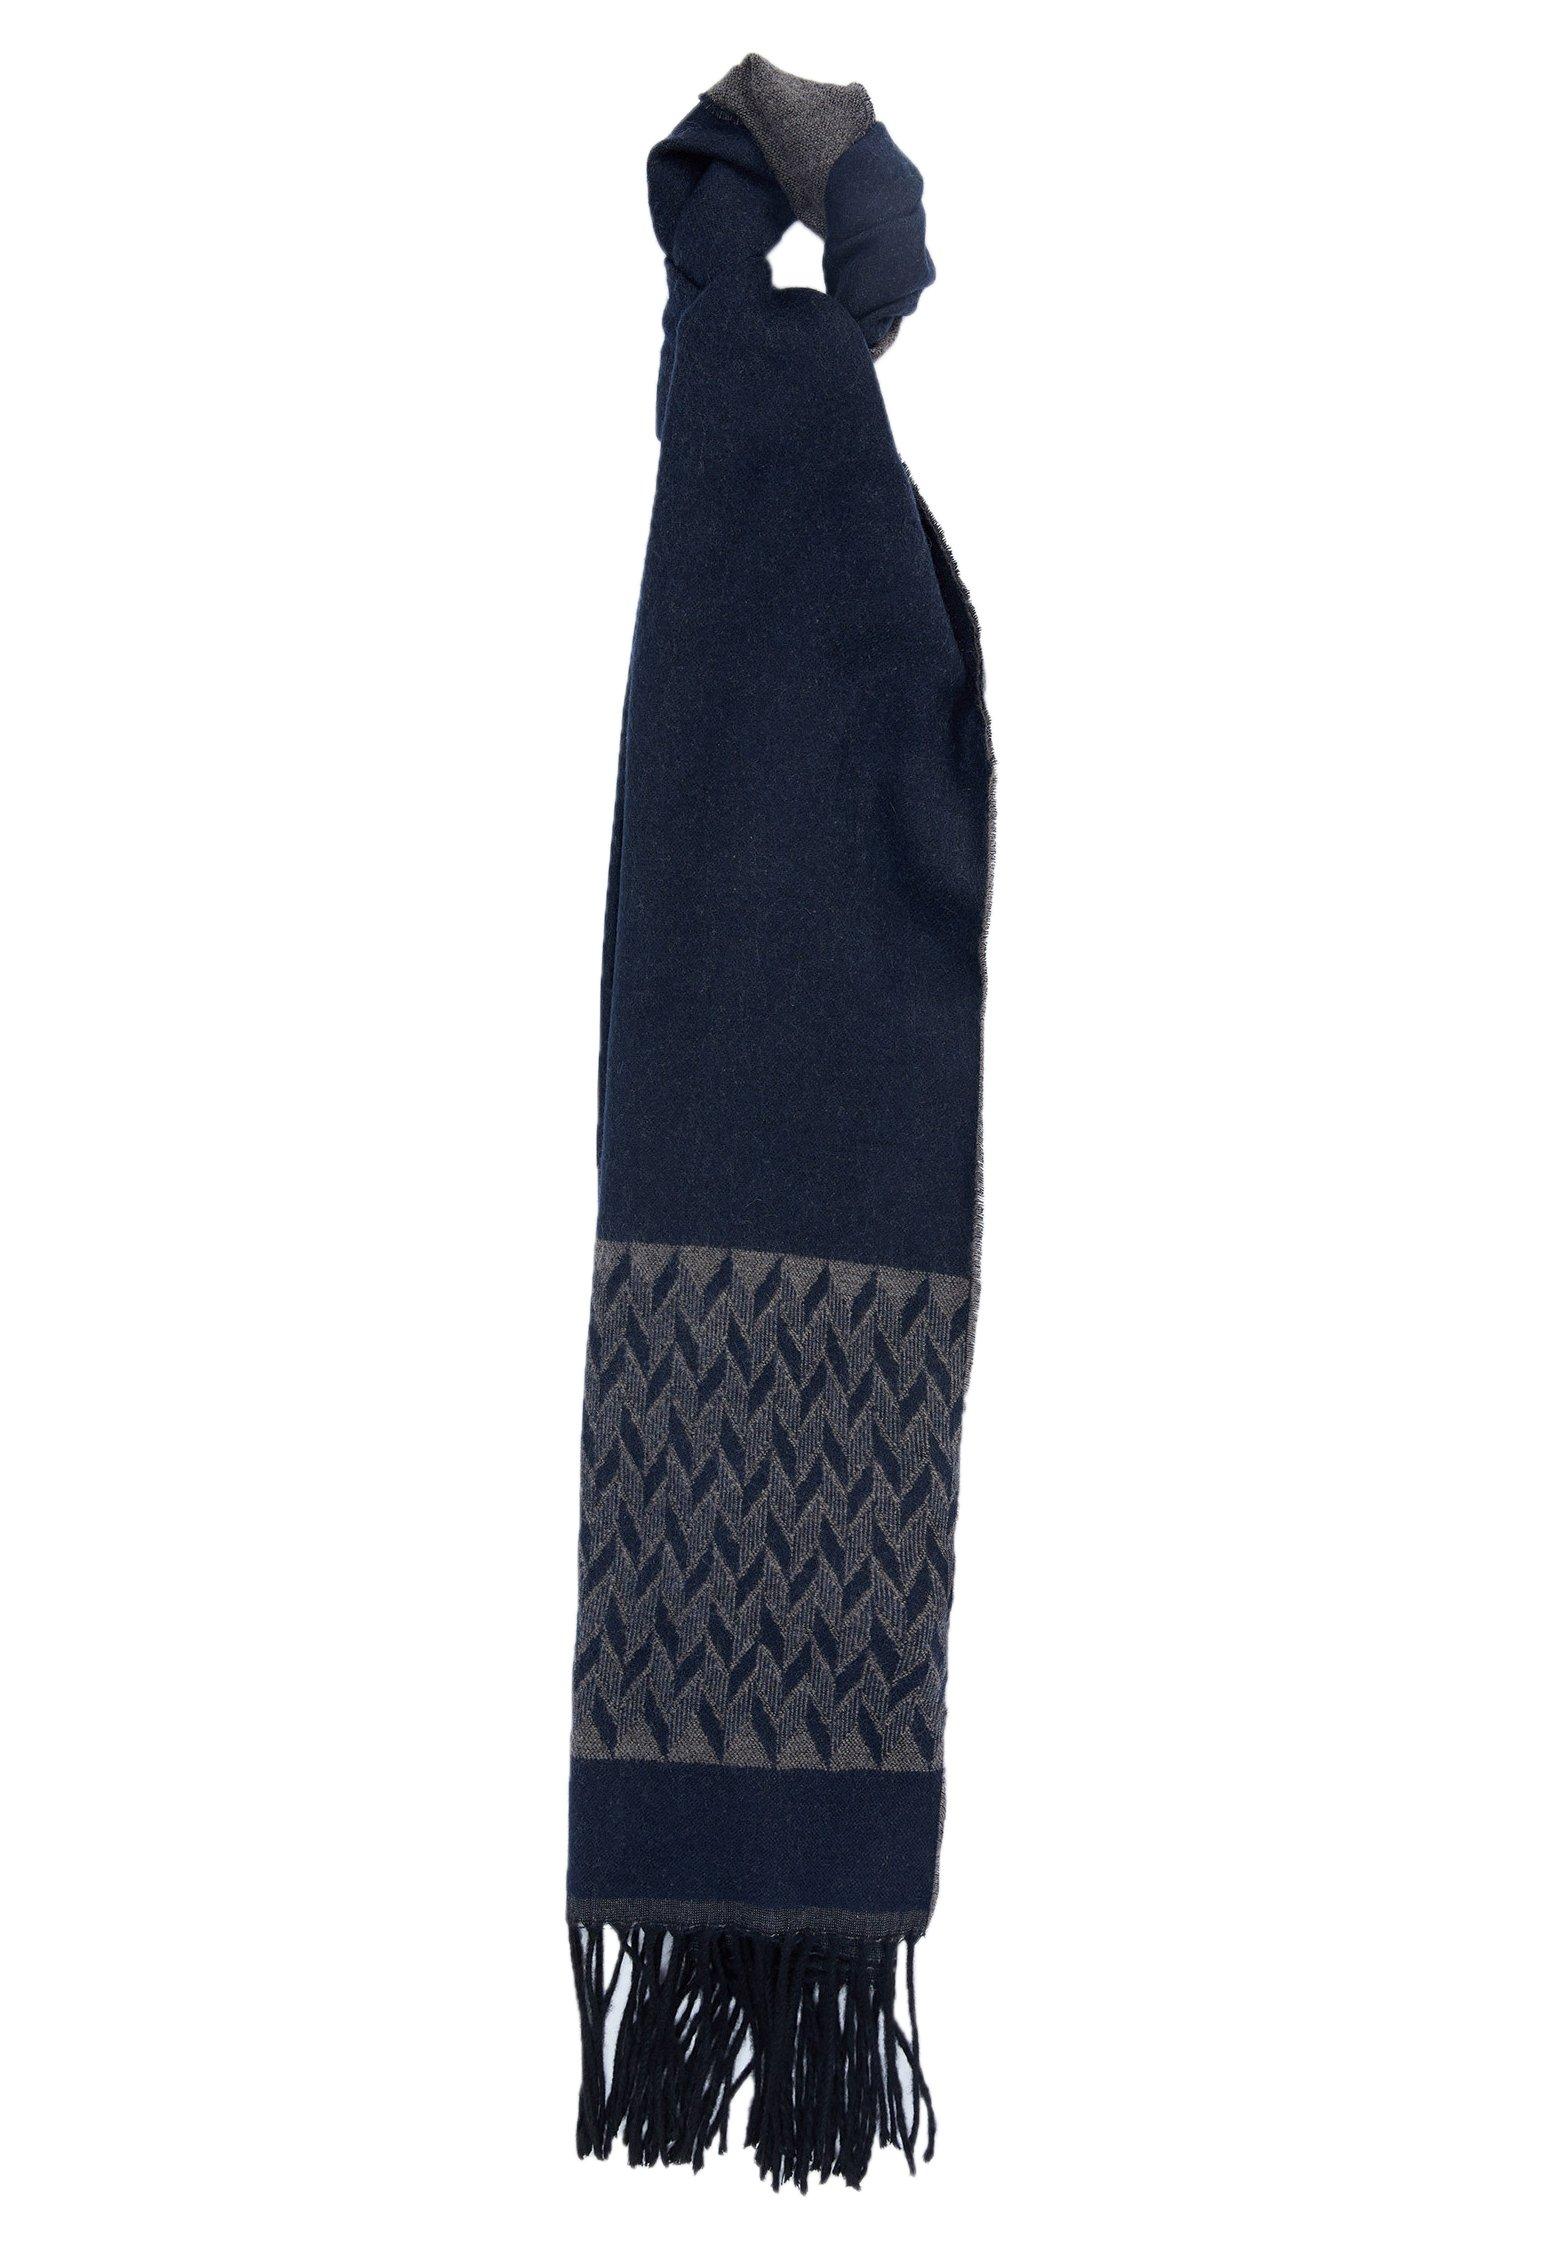 Herrer Sjal / Tørklæder